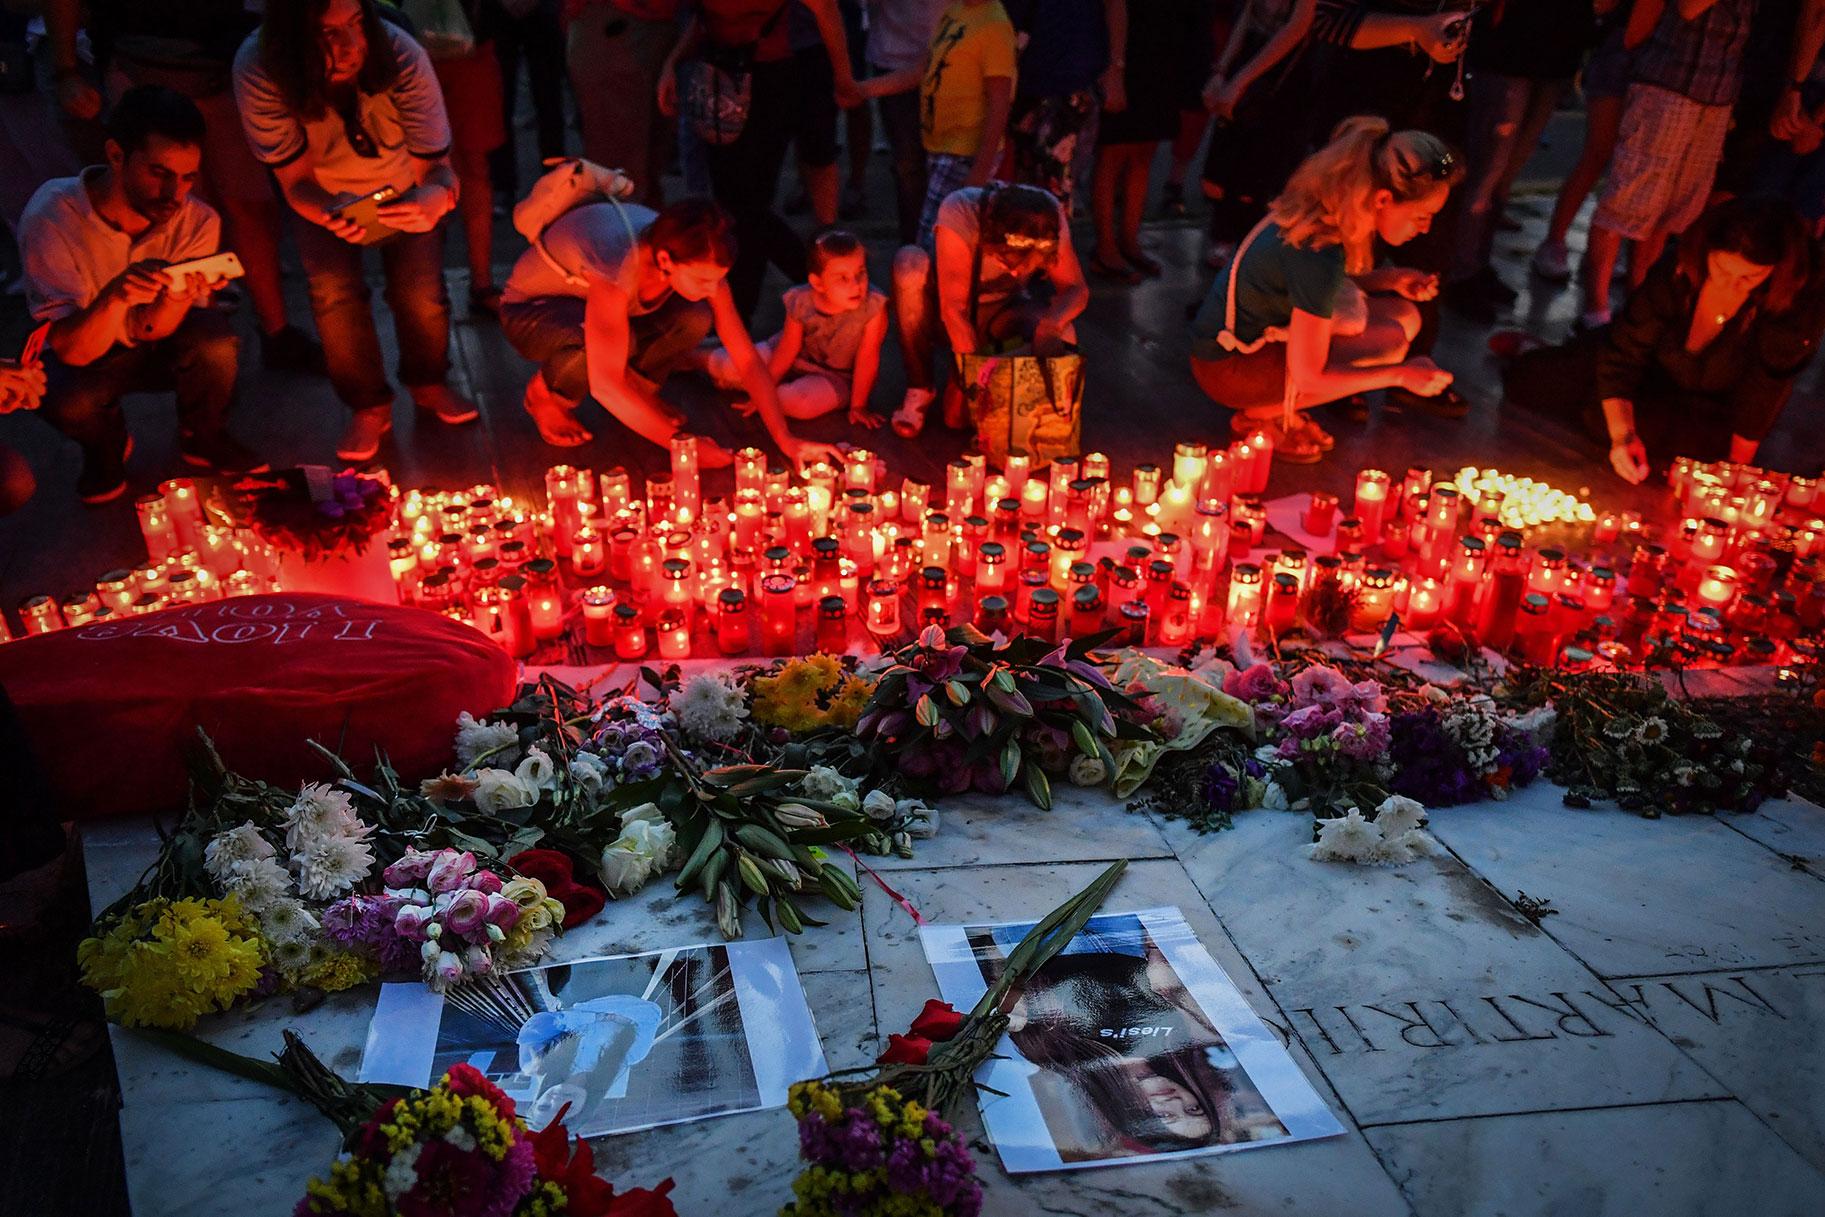 '¡Él está viniendo!' Adolescente rumano presuntamente muerto después de la lenta respuesta de la policía a la escalofriante llamada